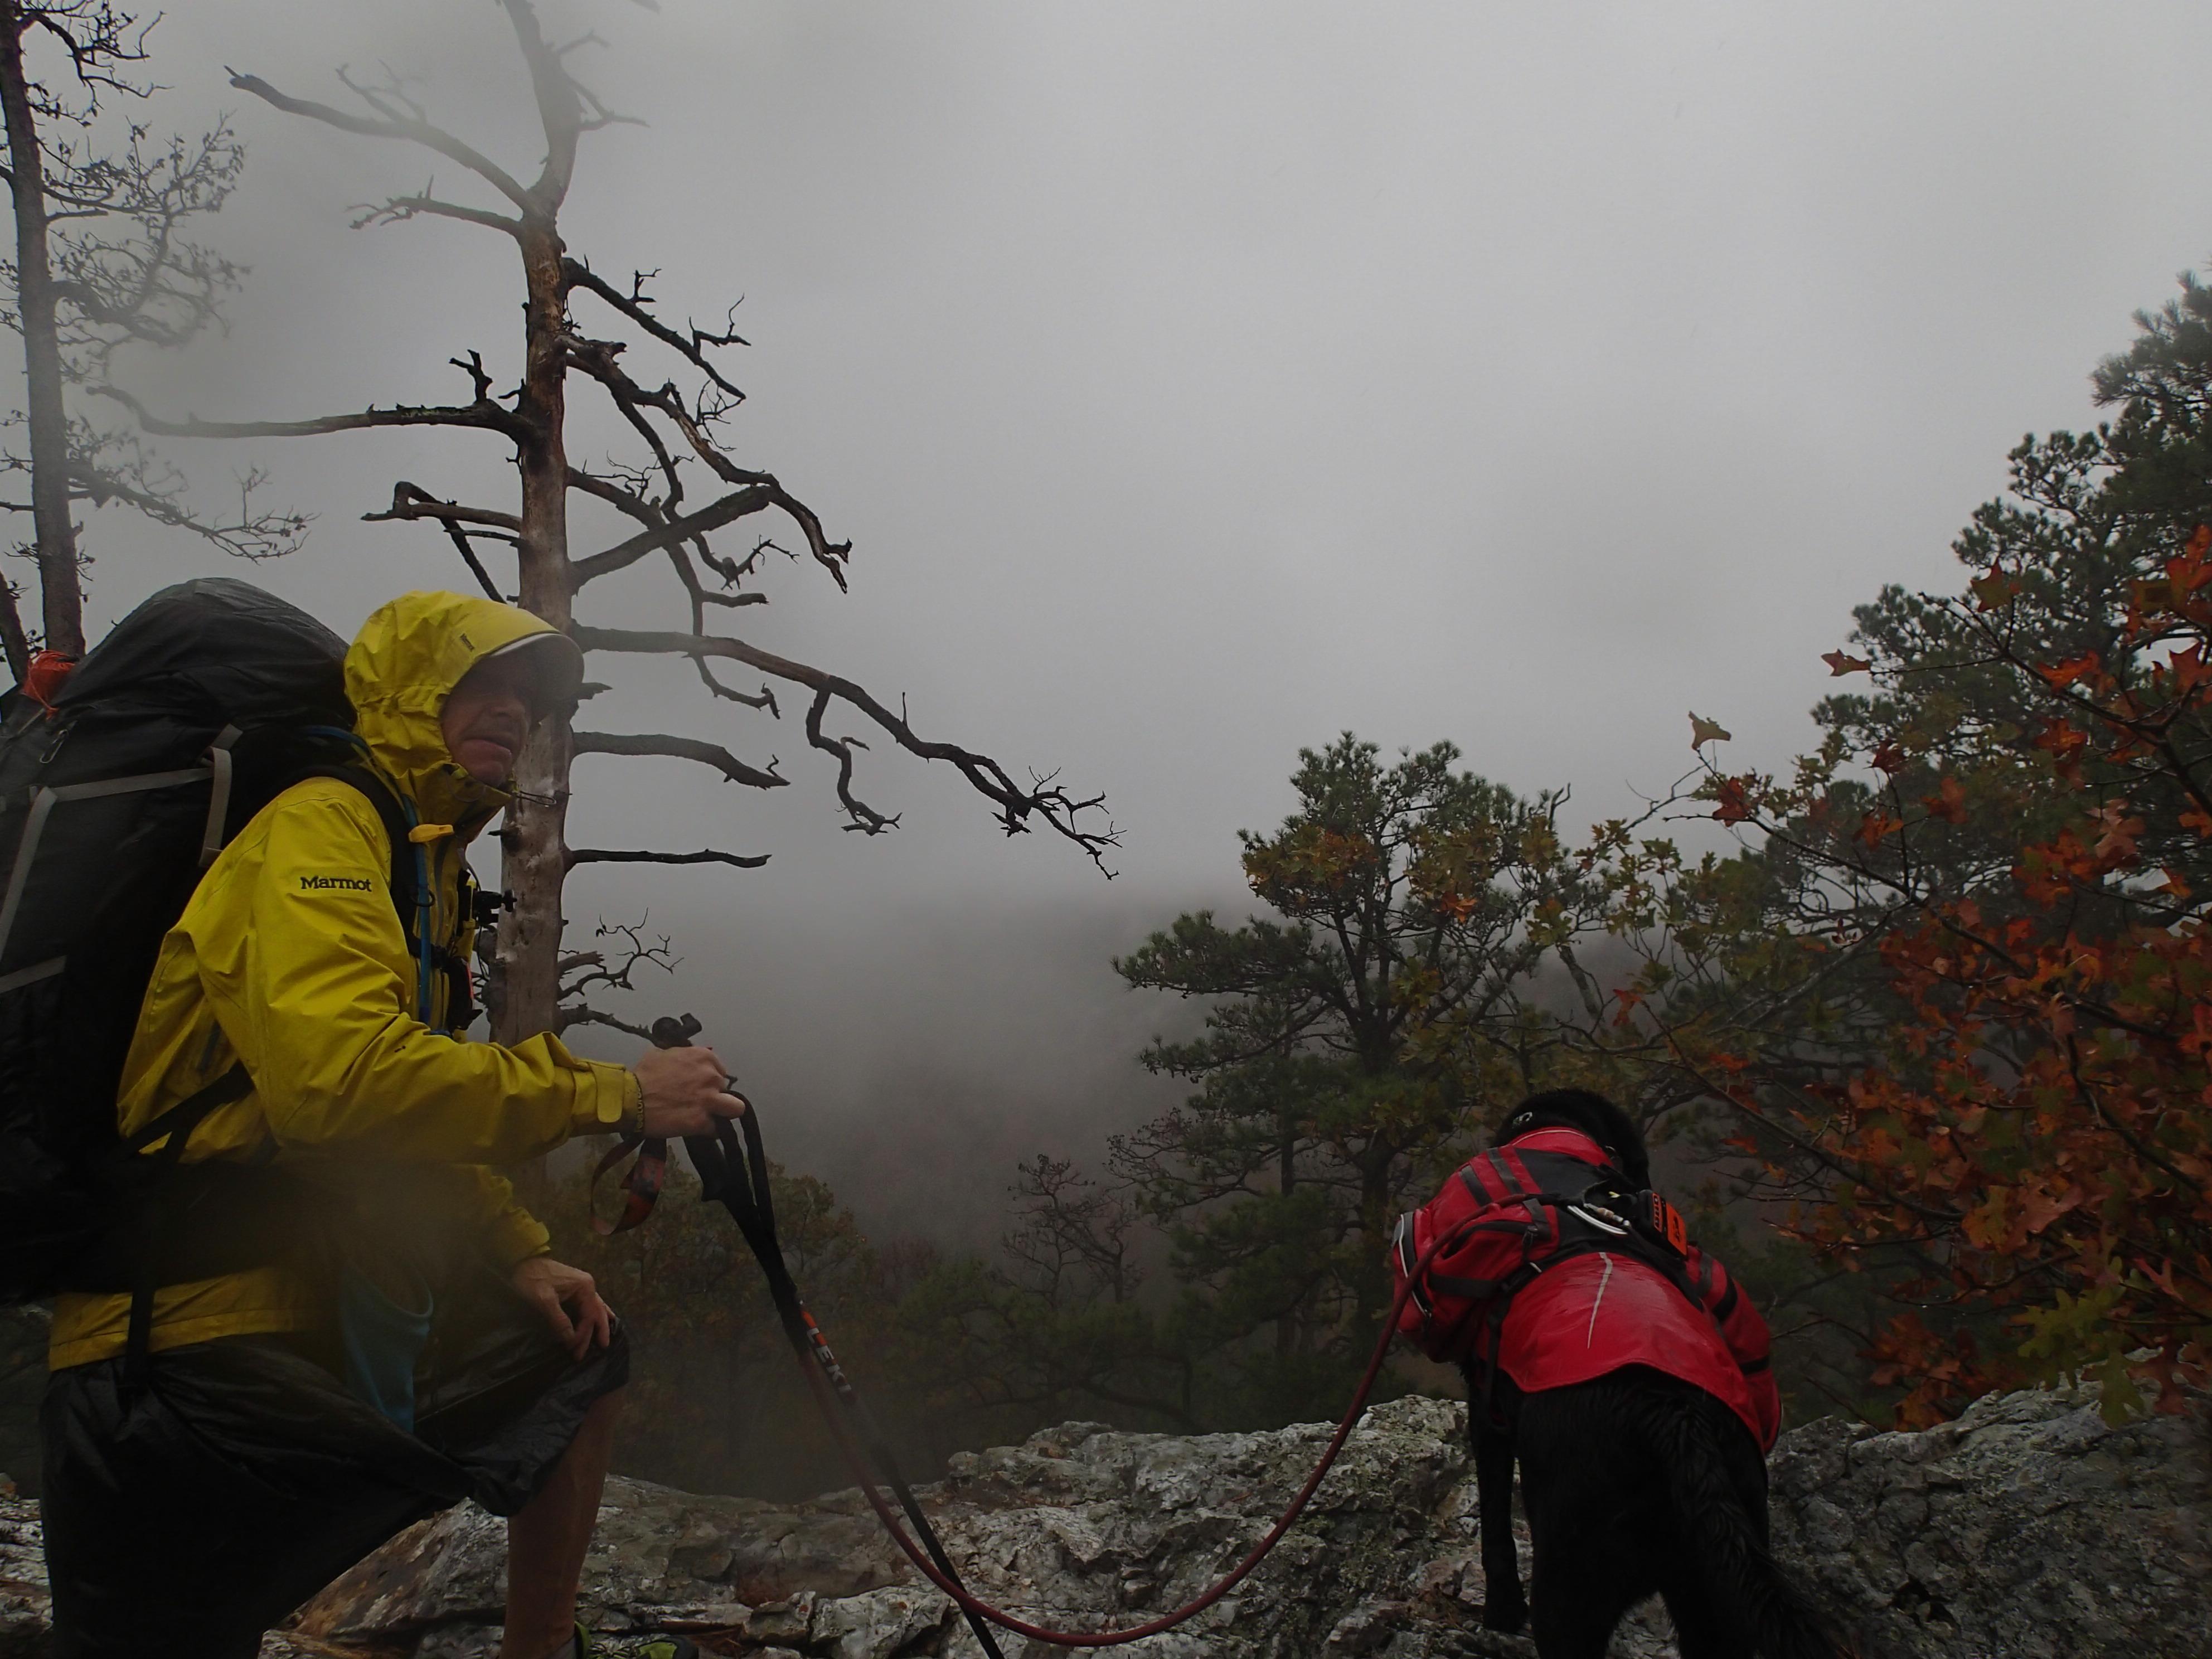 TrevorThomas hiking with dog